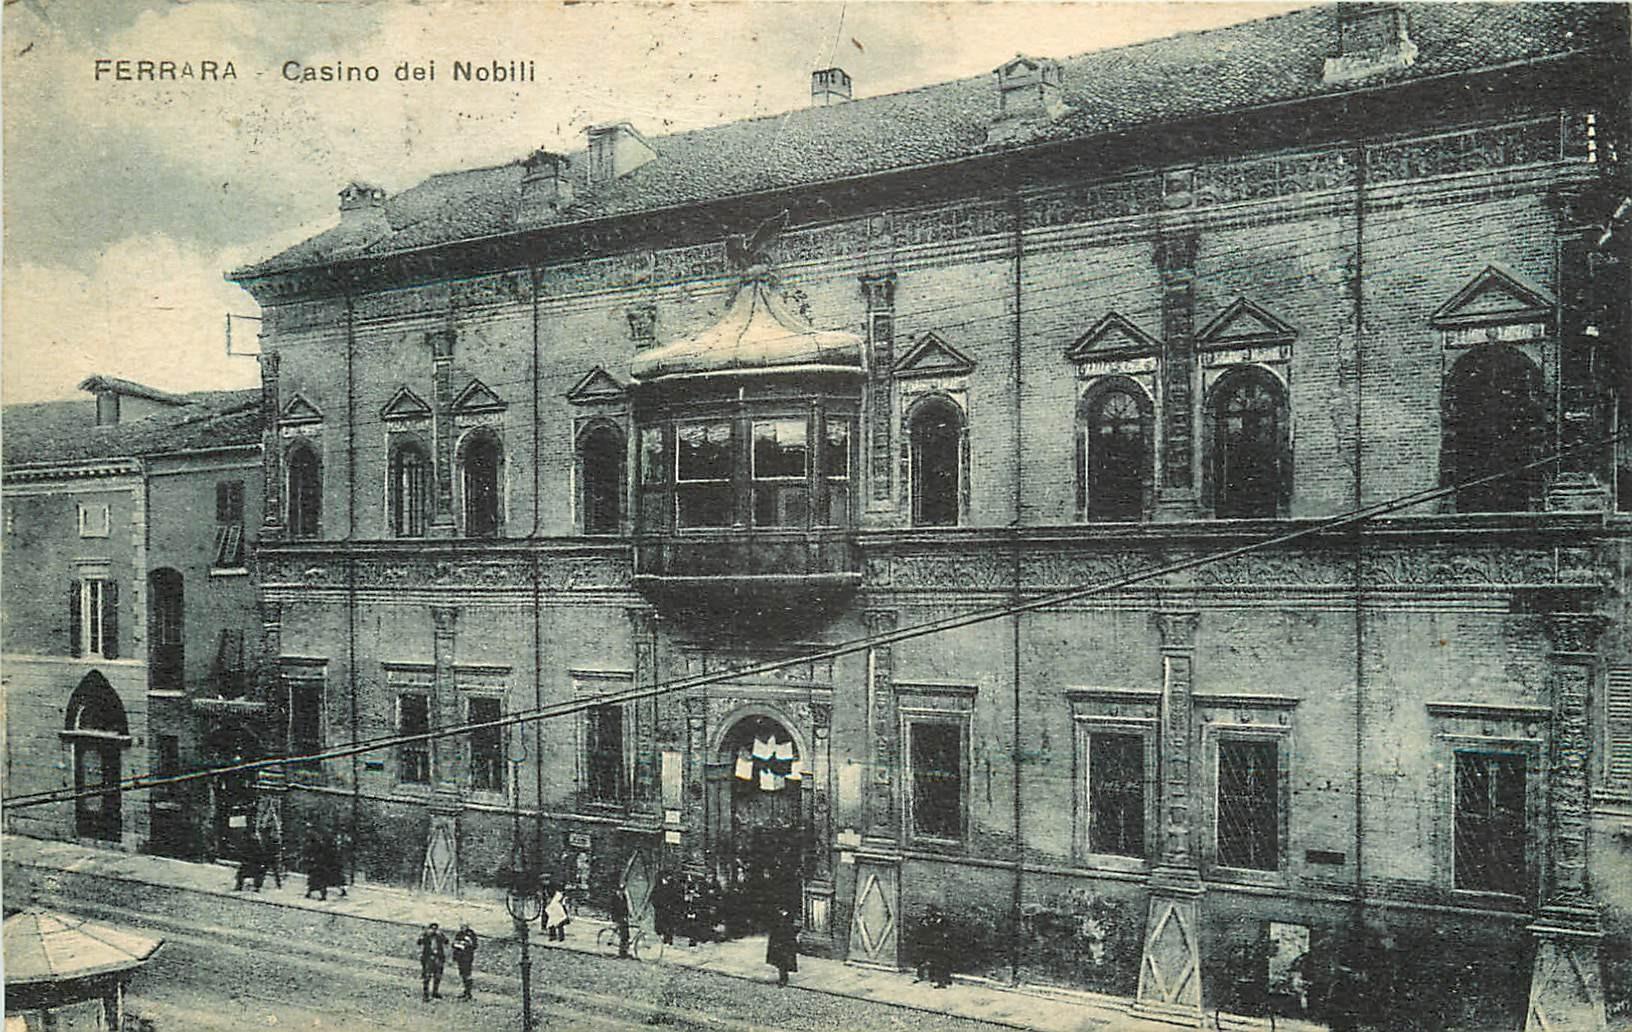 FERRARA. Casino dei Nobili 1926